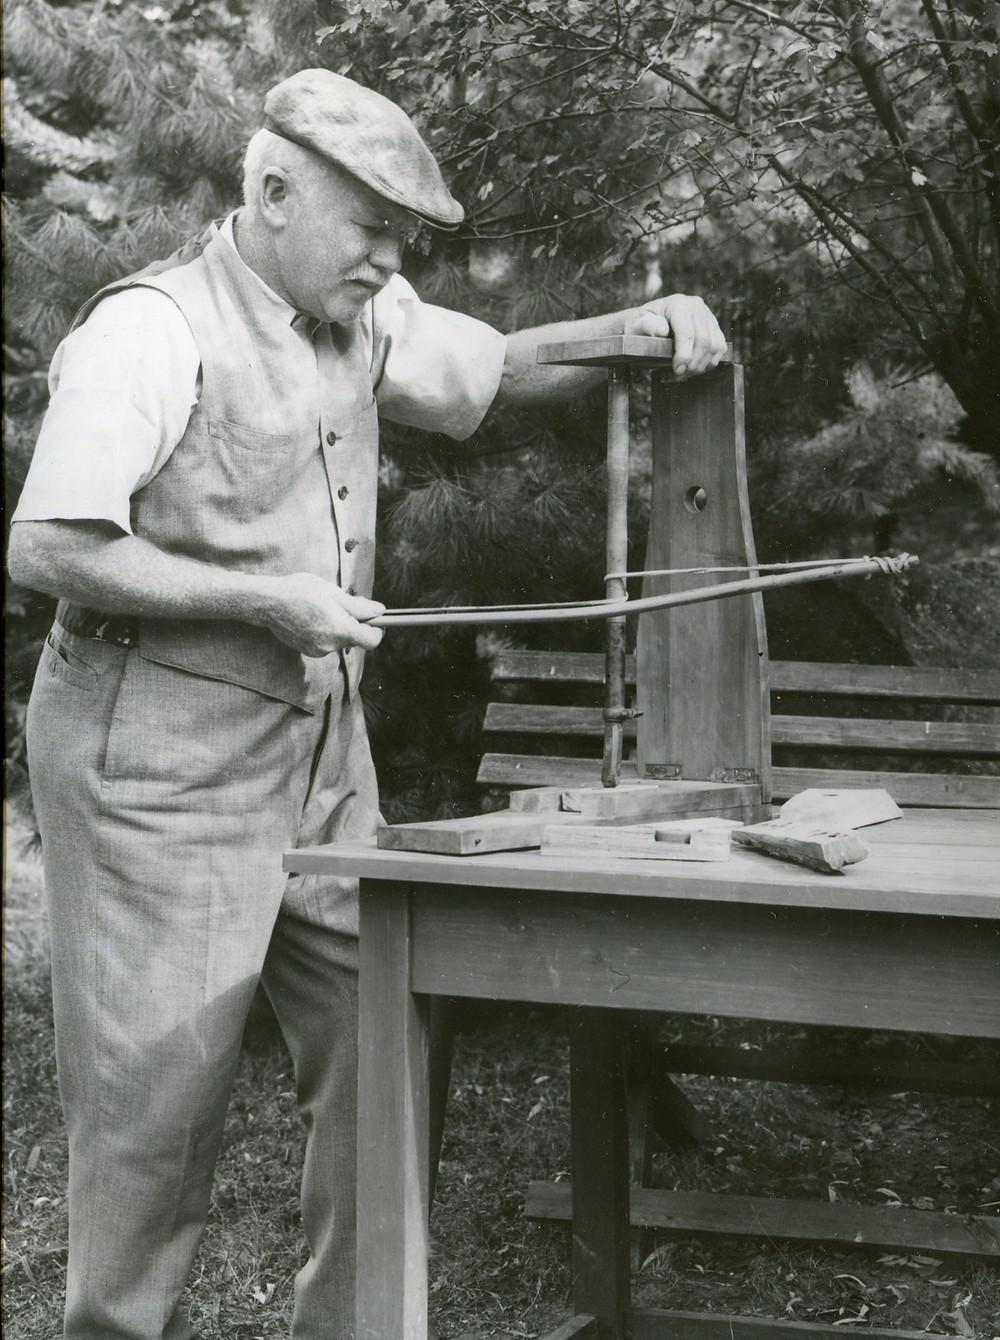 """""""Štorchův ohňostroj a vrtač kamenů (ruční nebozez ohňový), učebná pomůcka k rozněcování ohně vrtáním"""" – jeho vlastní experimentální nástroj, který sestrojil dle starších archeologických a etnografických nákresů a nabízel jej školám. Zdroj archiv dr. Sklenáře"""